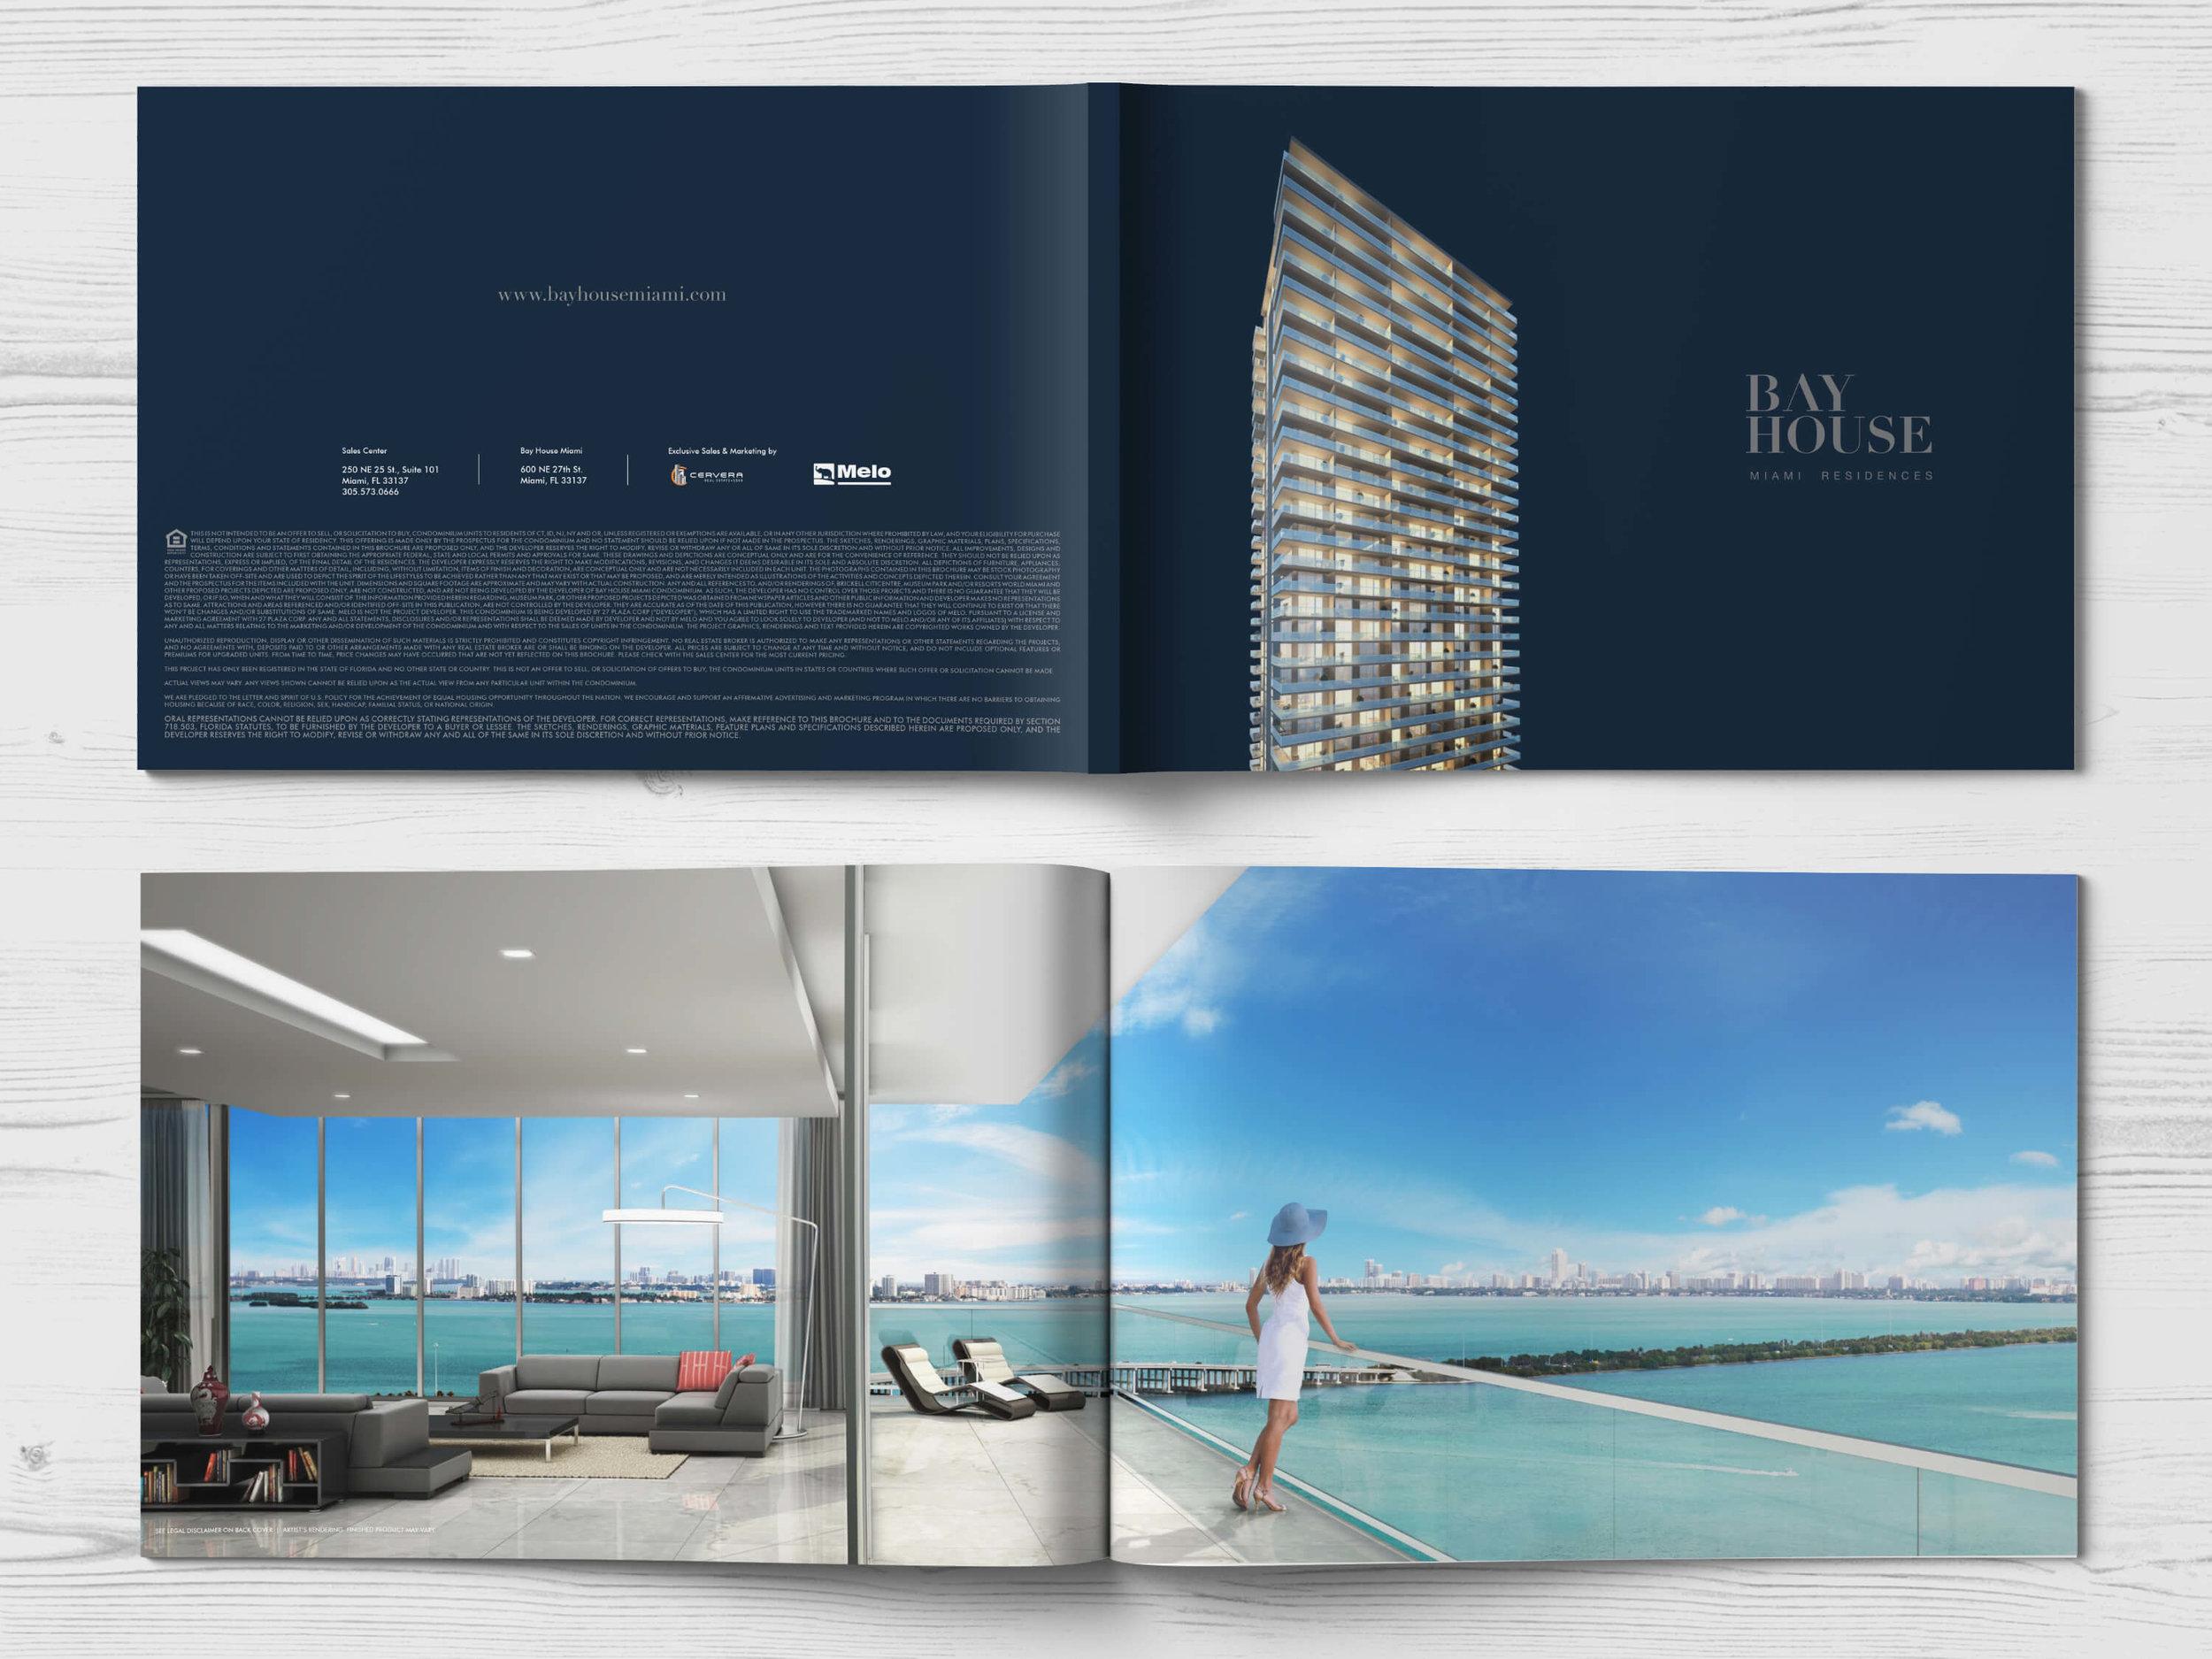 bay house-3.jpg